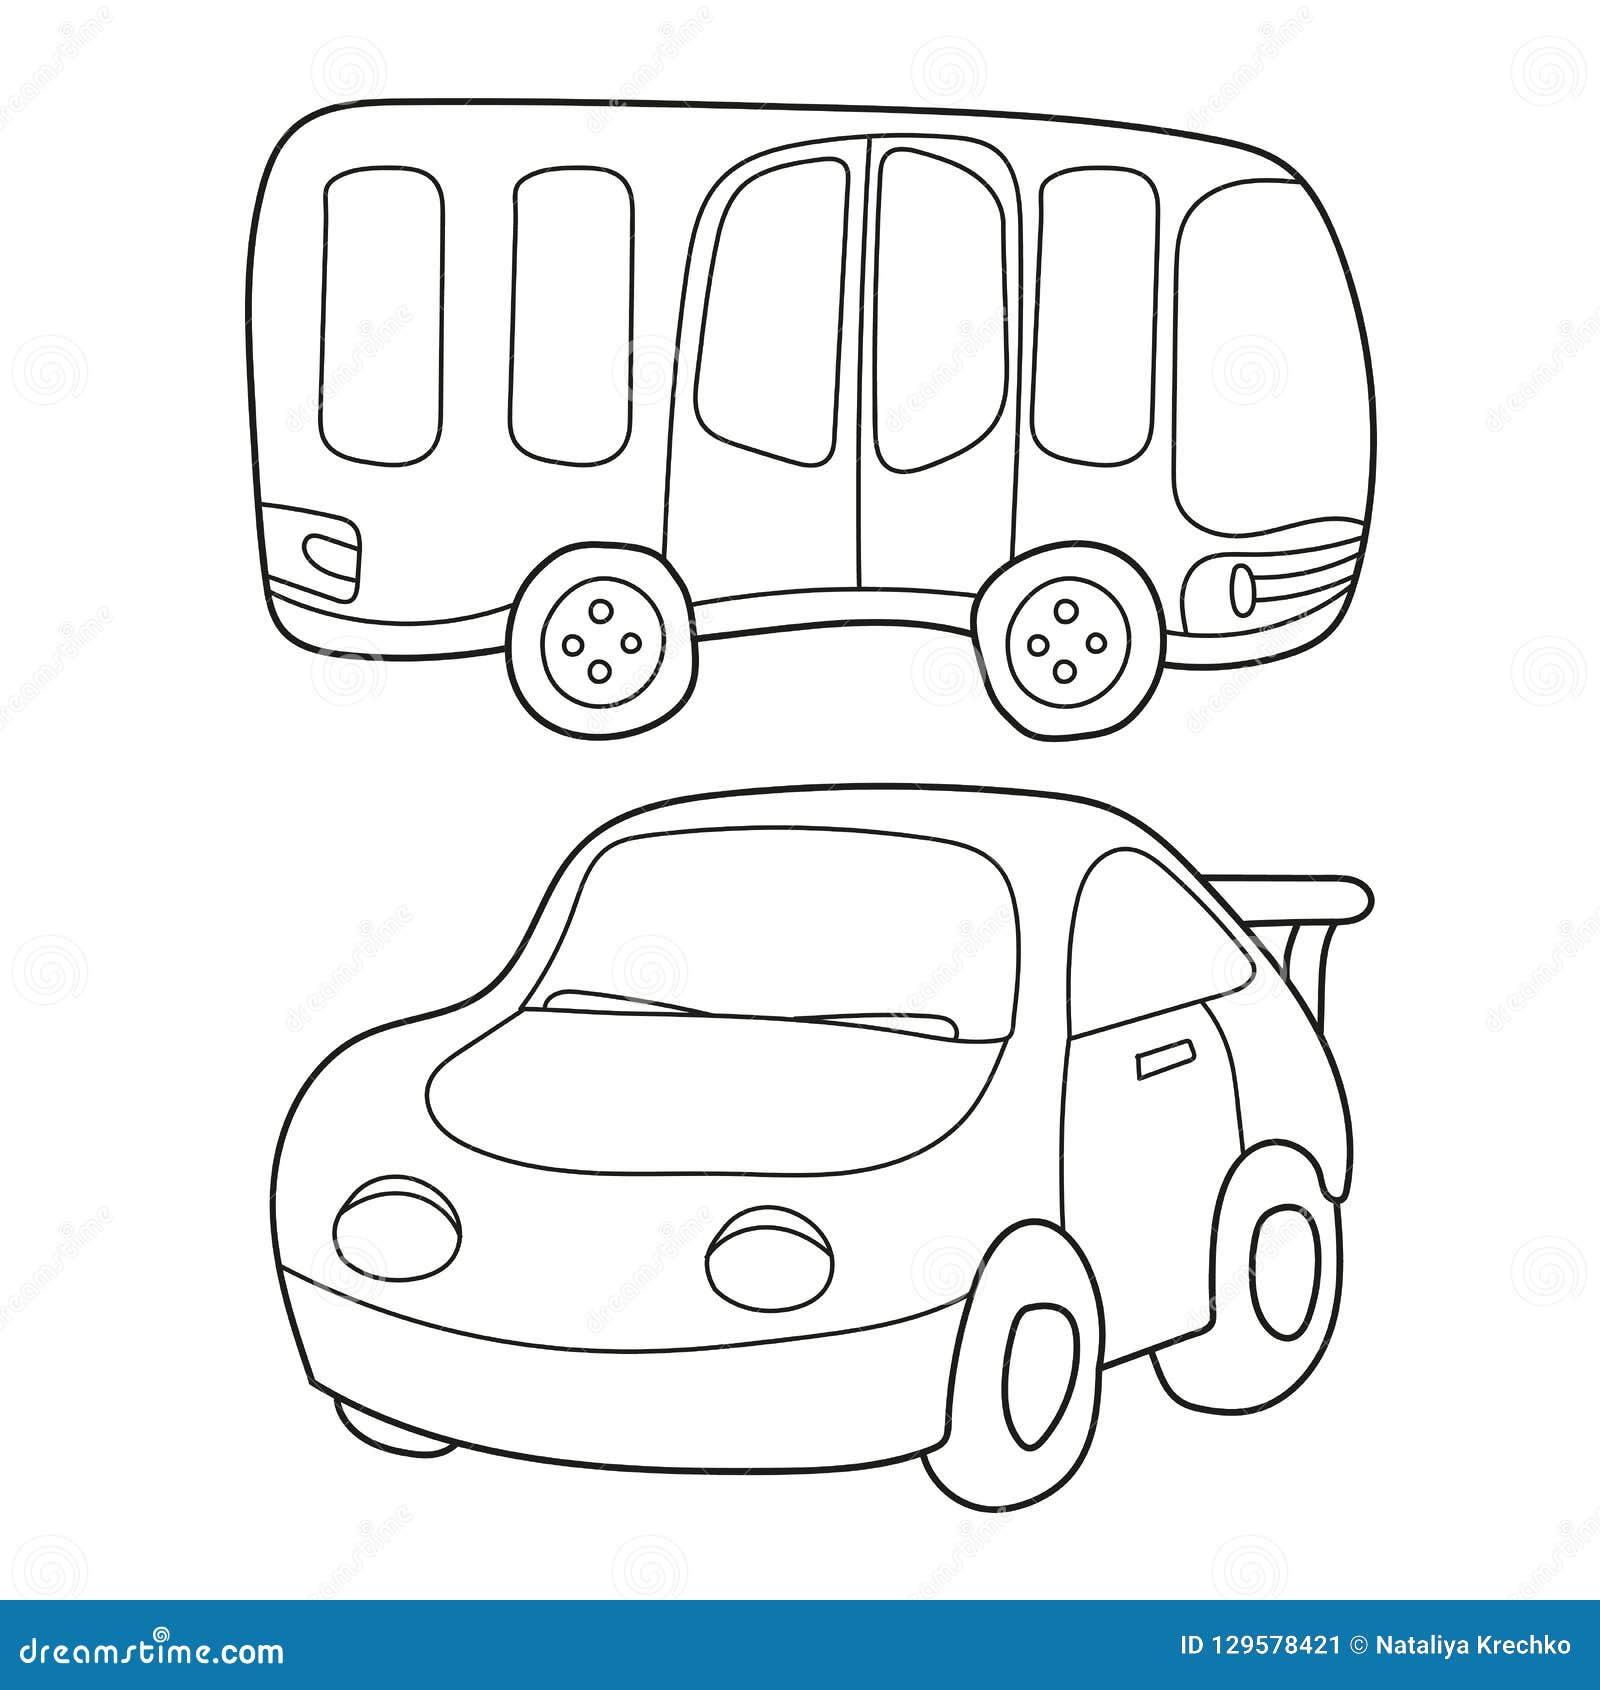 Desenhos Animados Preto E Branco Do Contorno Do Onibus E Do Carro